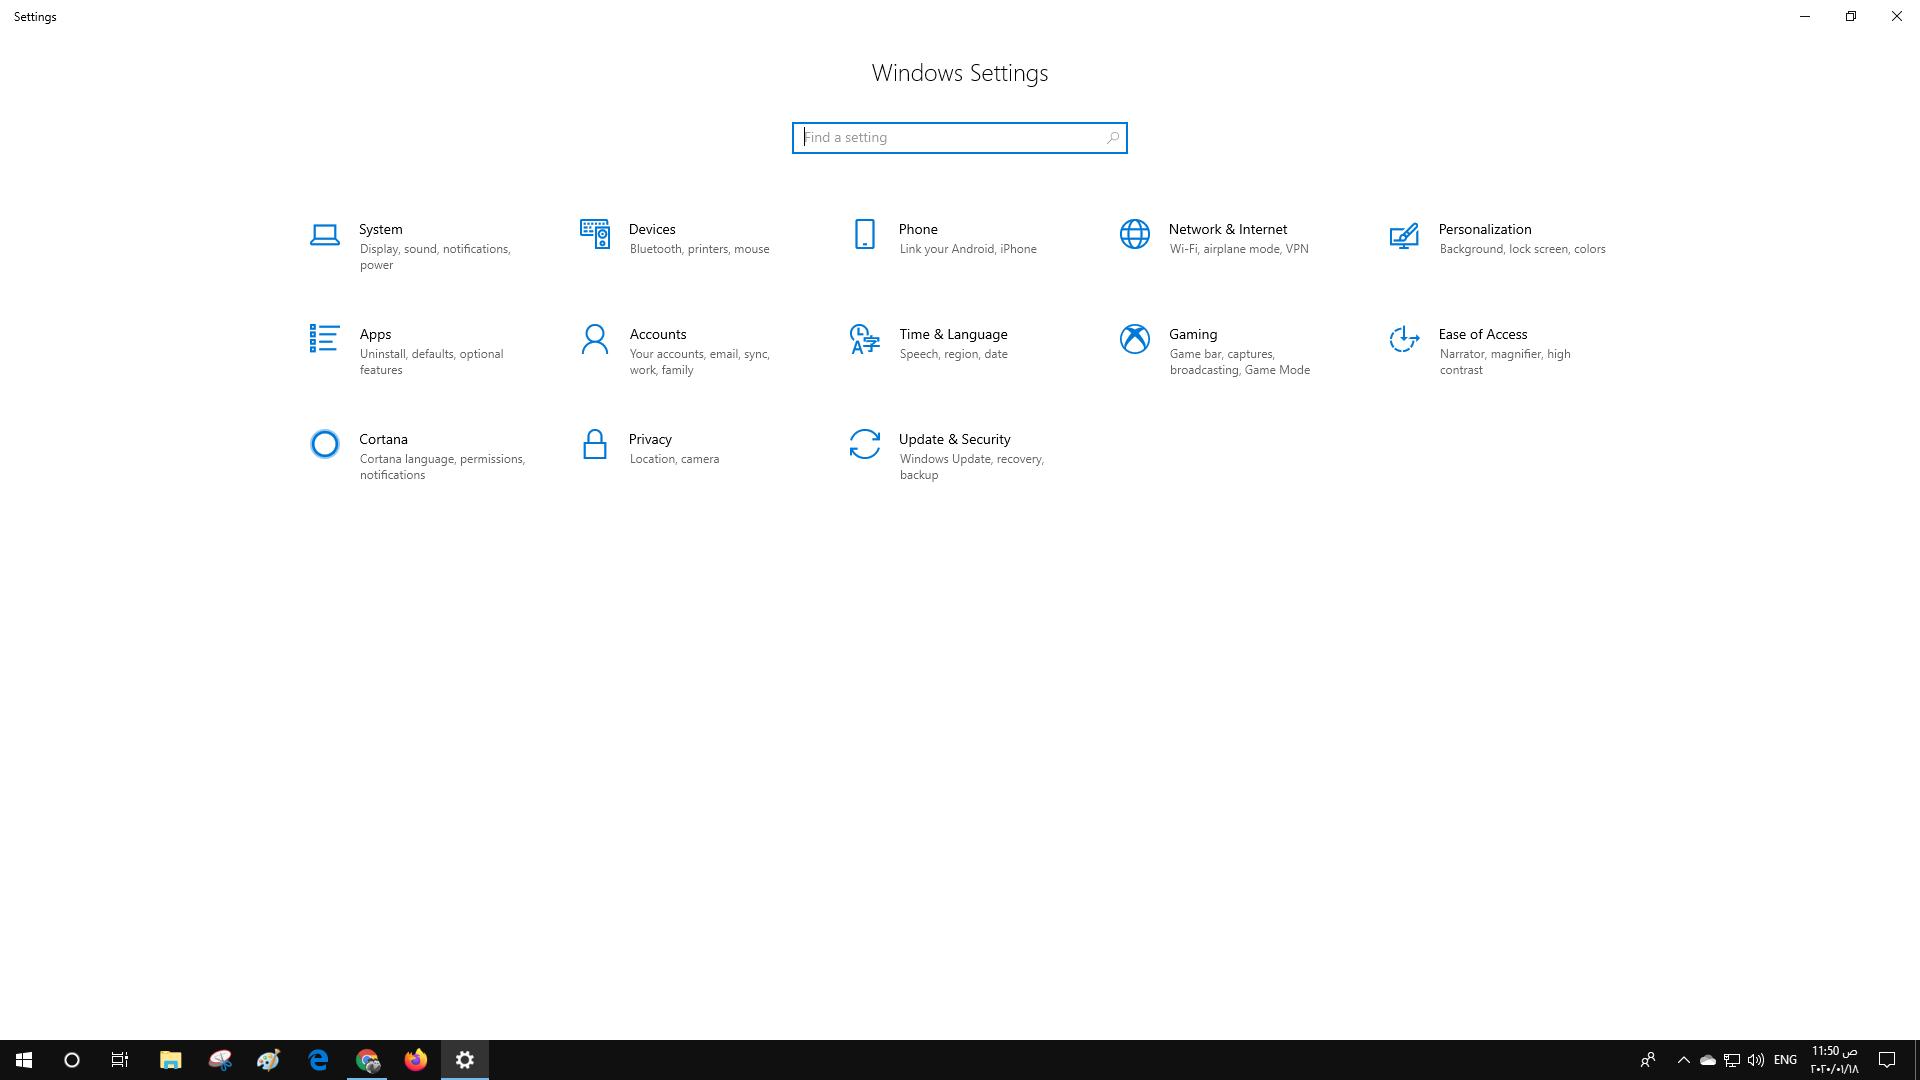 تحميل ويندوز 10 النسخة النهائية من مايكروسوفت برابط مباشر مجانا img 2680